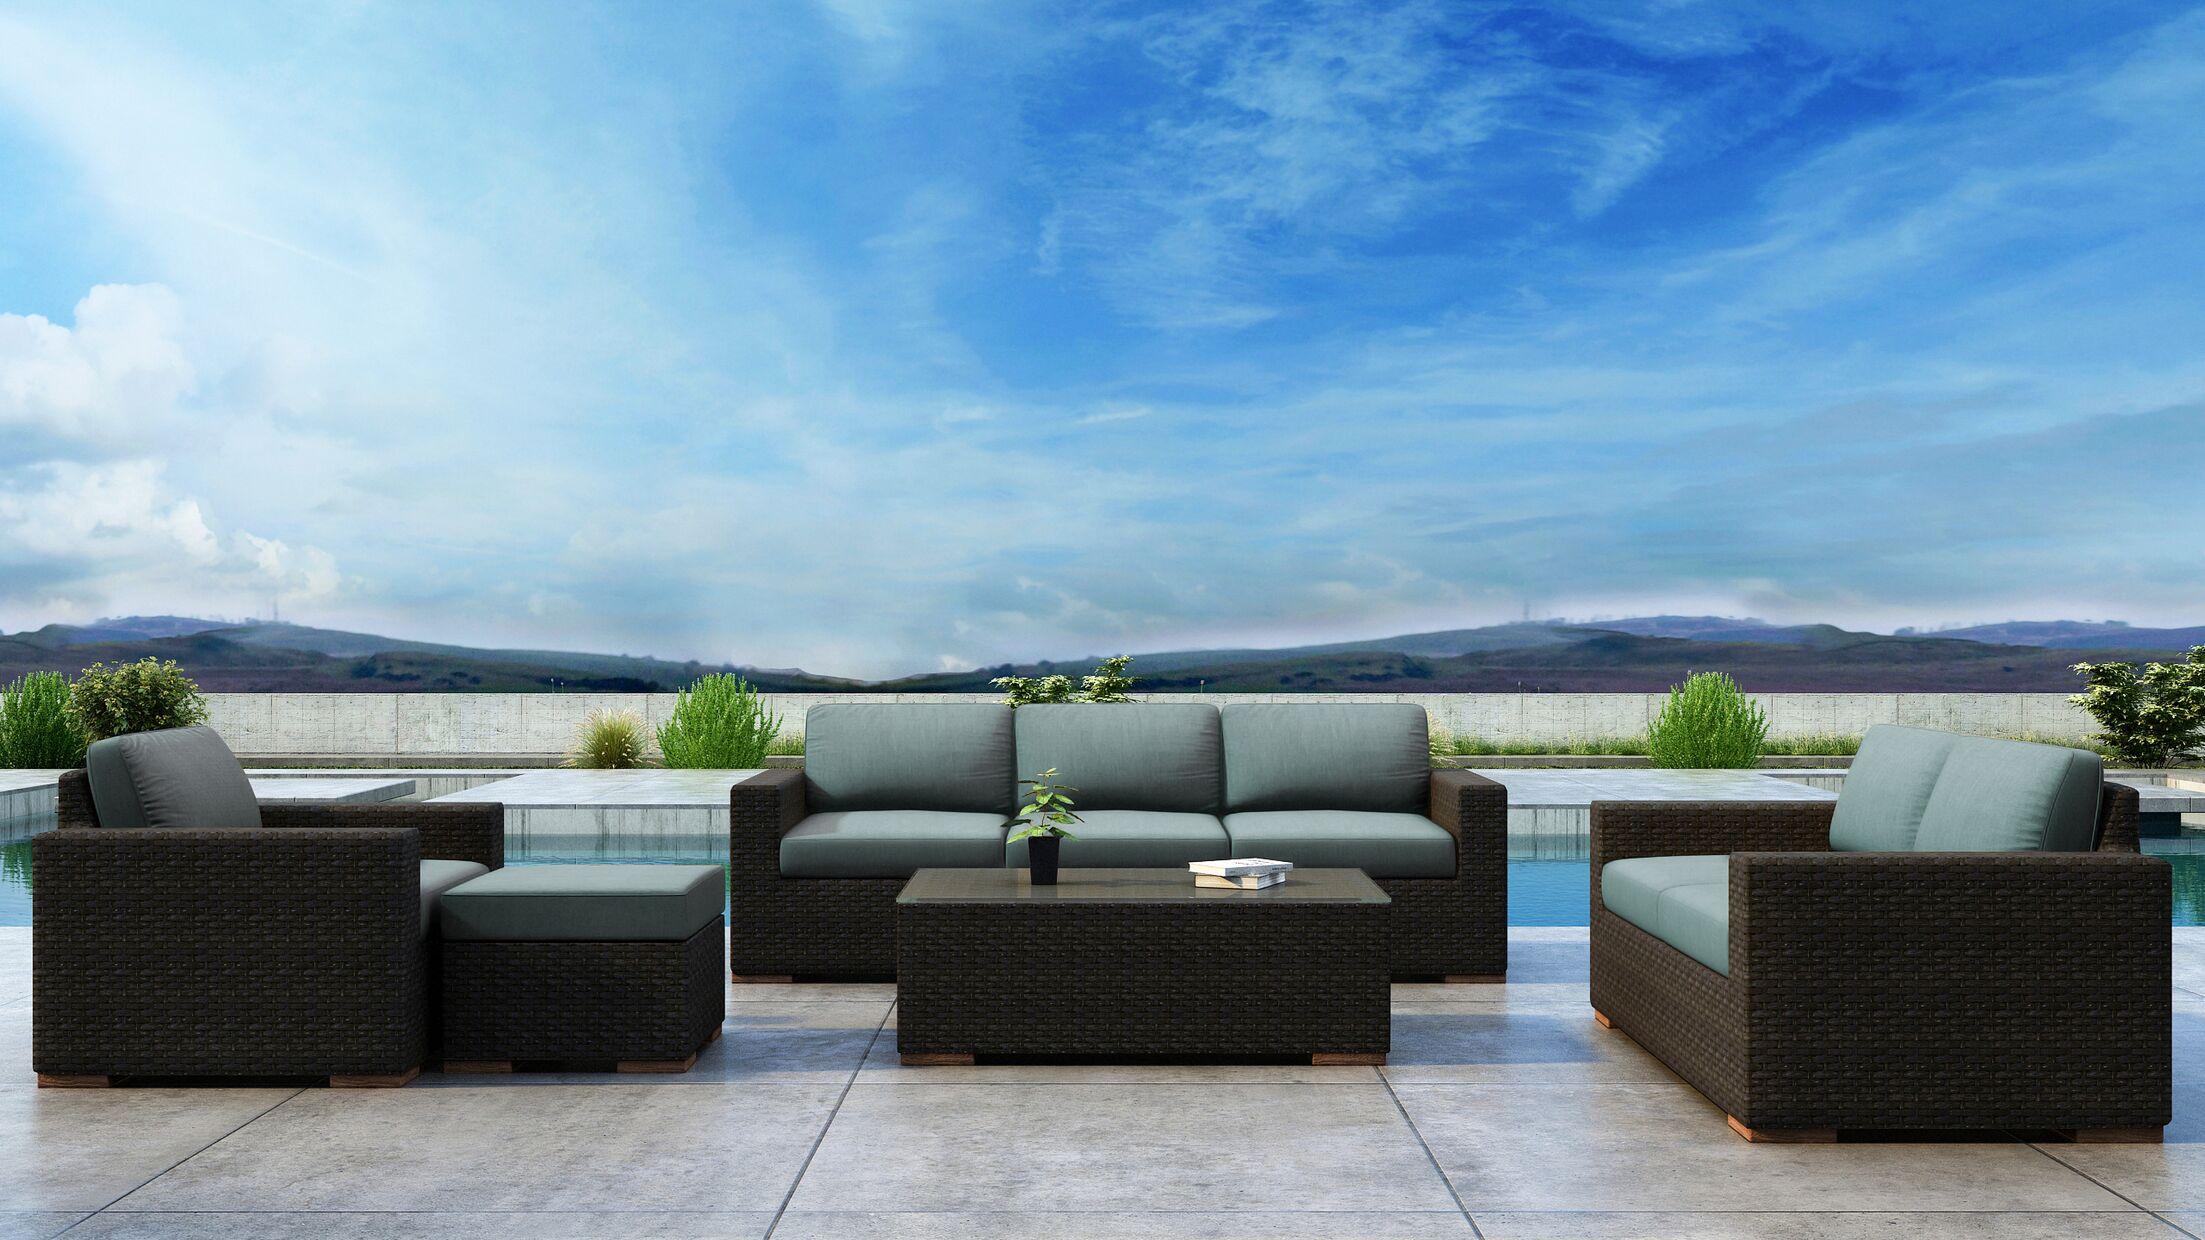 Glen Ellyn 5 Piece Sofa Set with Sunbrella Cushion Cushion Color: Canvas Spa